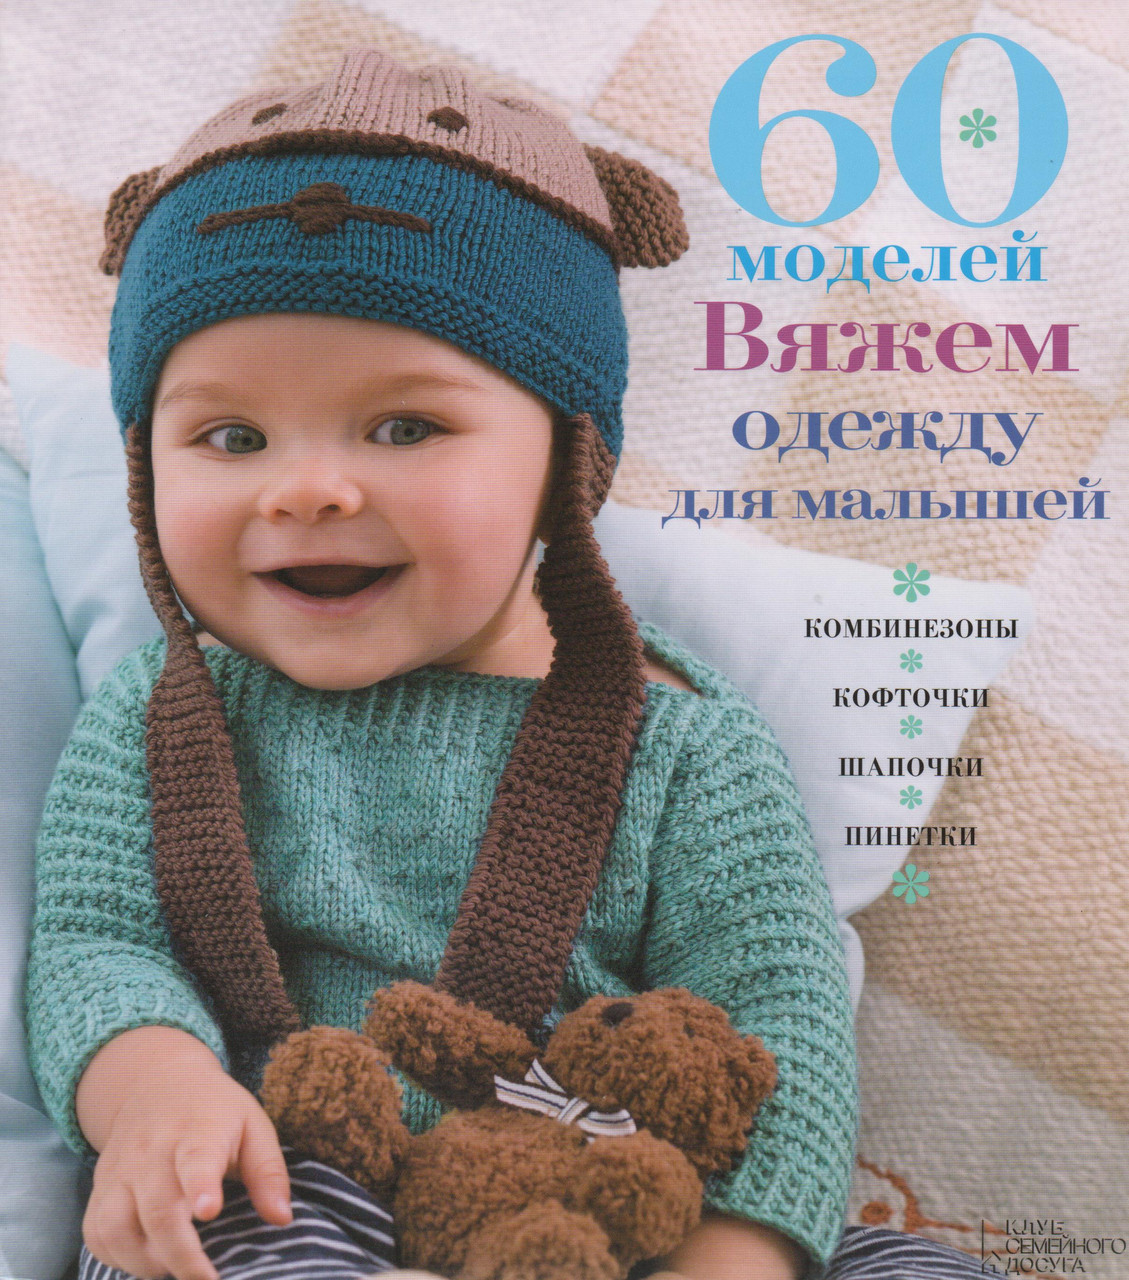 60 моделей. Вяжем одежду для малышей